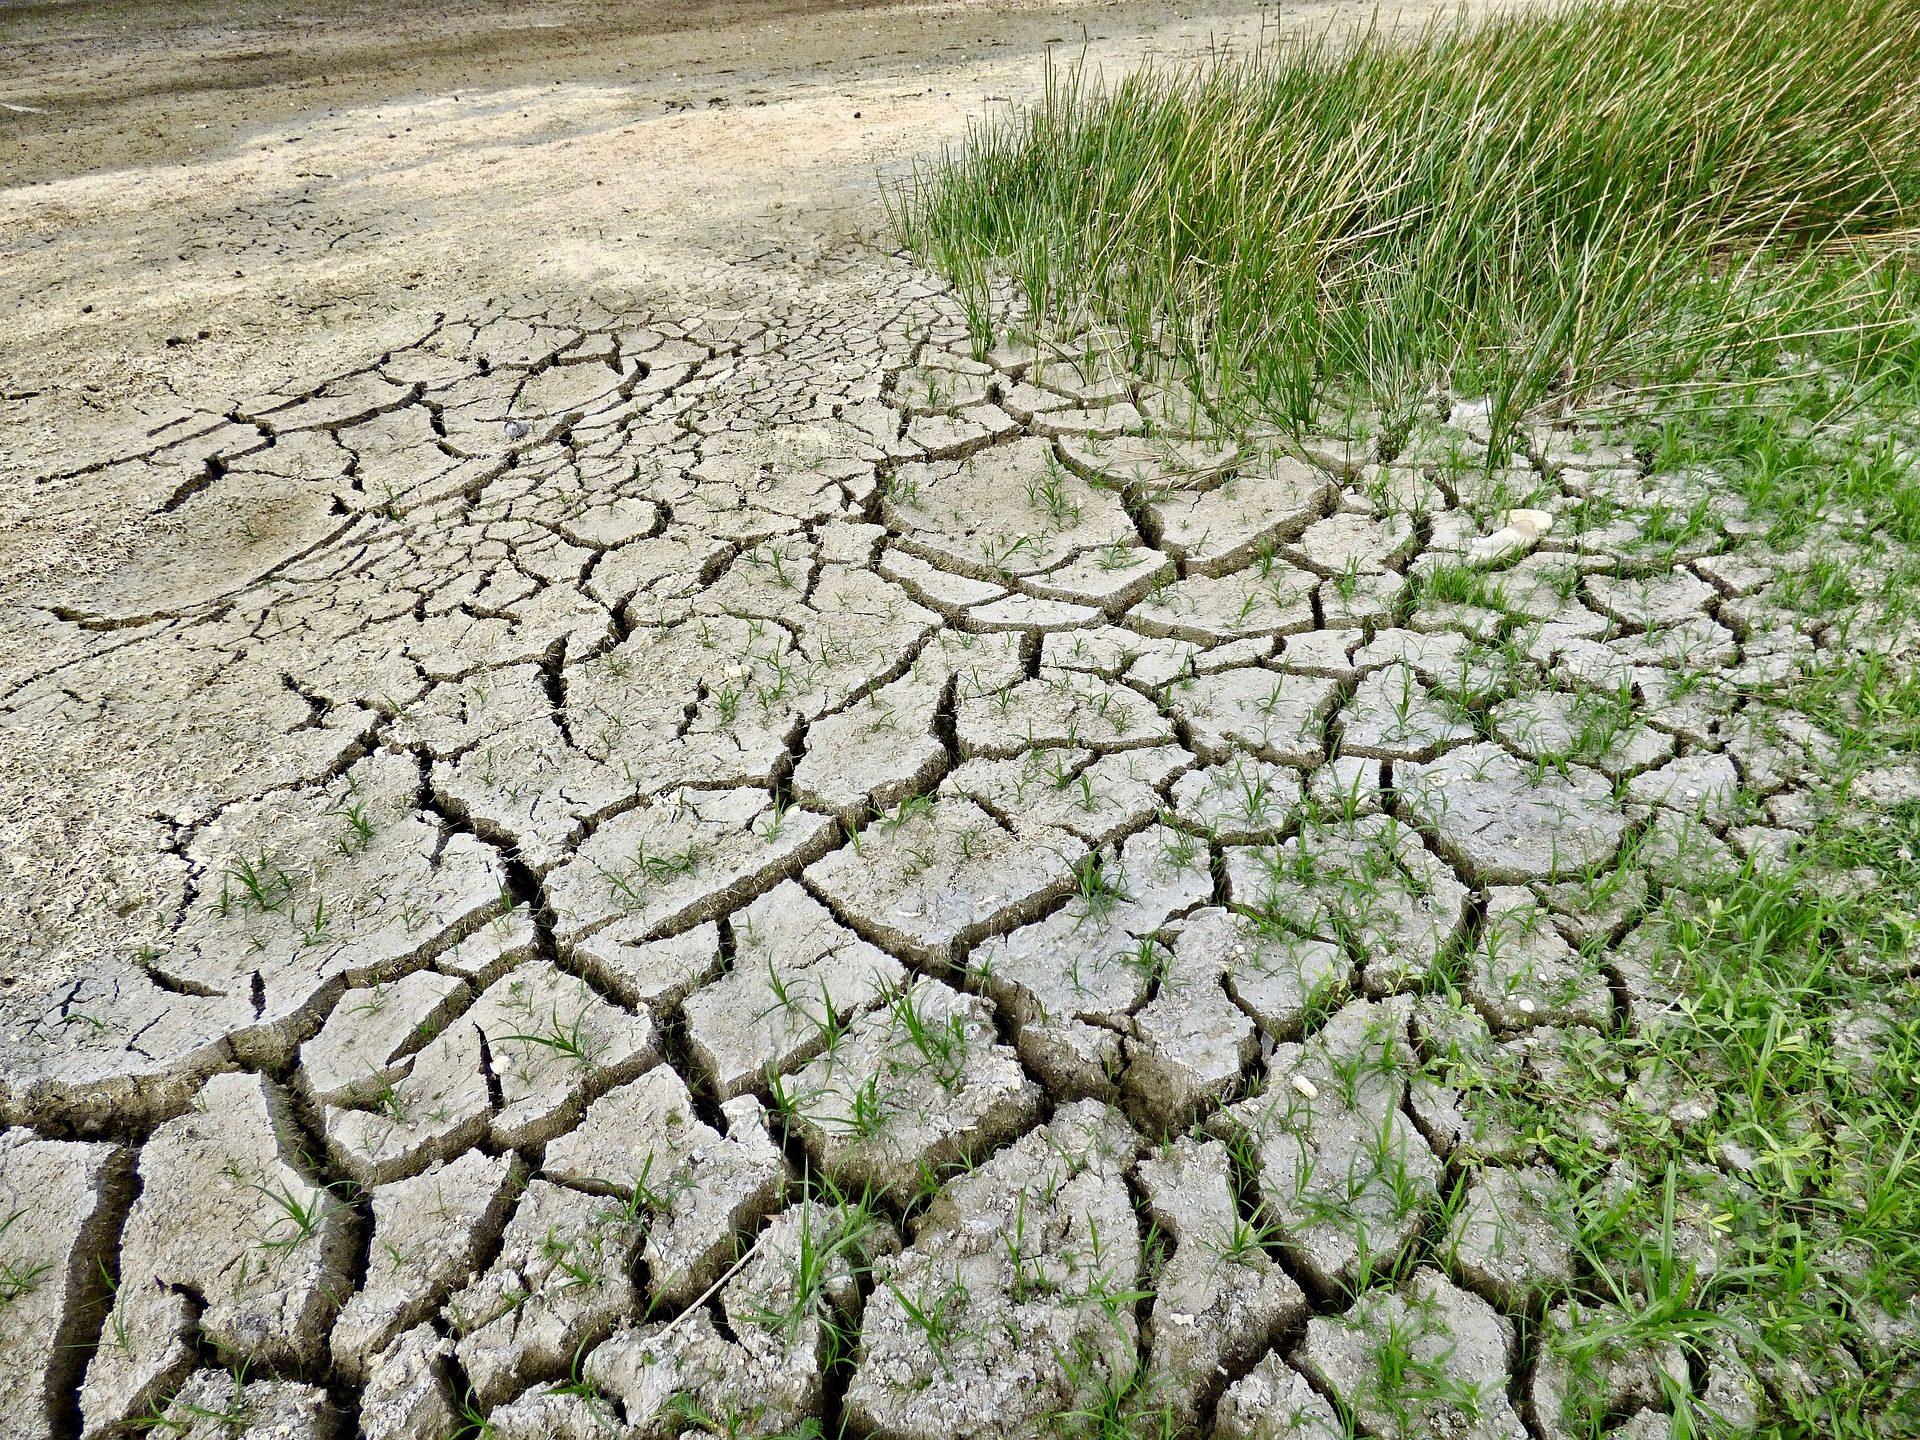 沼泽, 干旱, 短缺, 草, 地球, 裂缝 - 高清壁纸 - 教授-falken.com